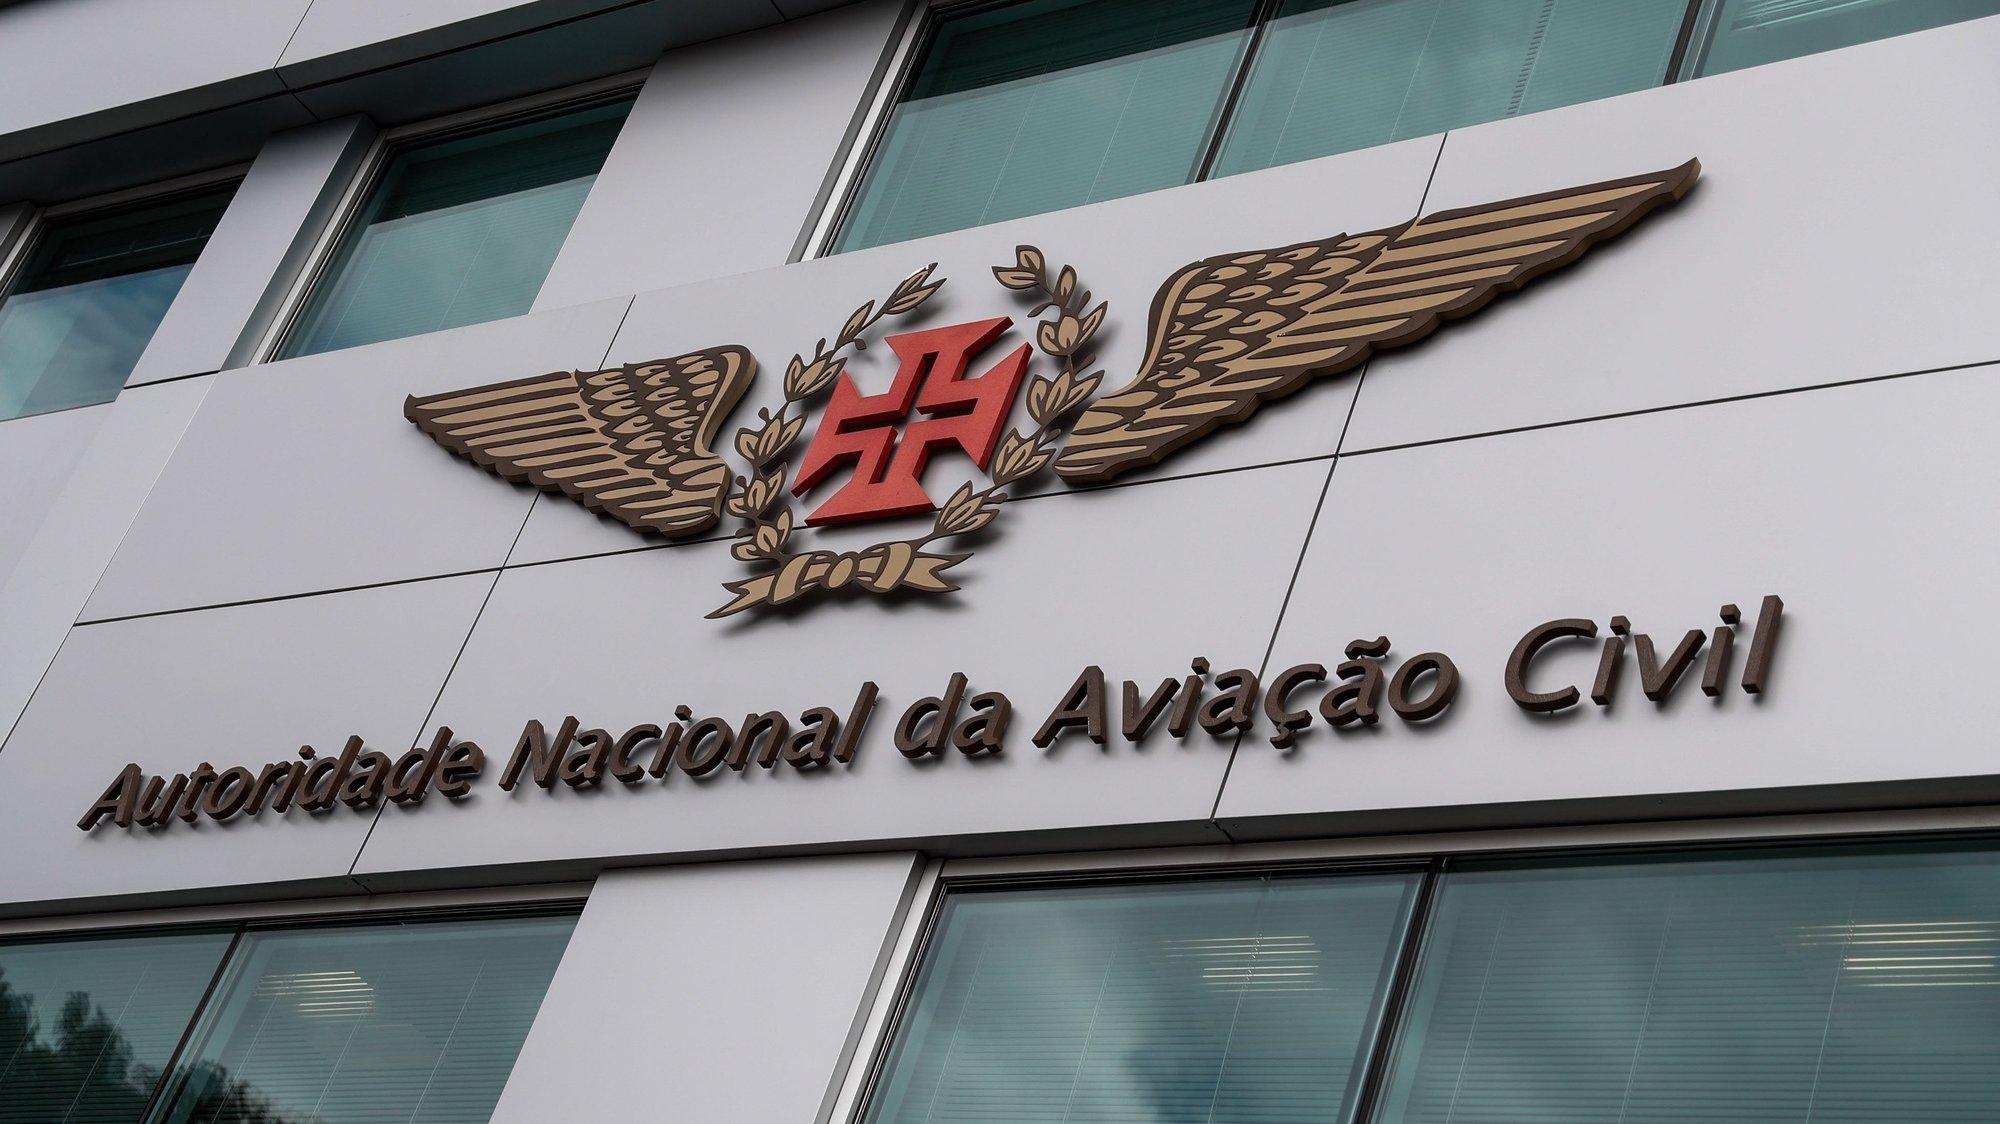 Edificio da Autoridade Nacional da Aviação Civil (ANAC), no aeroporto de Lisboa, 20 de fevereiro de 2020. ANTÓNIO COTRIM/LUSA